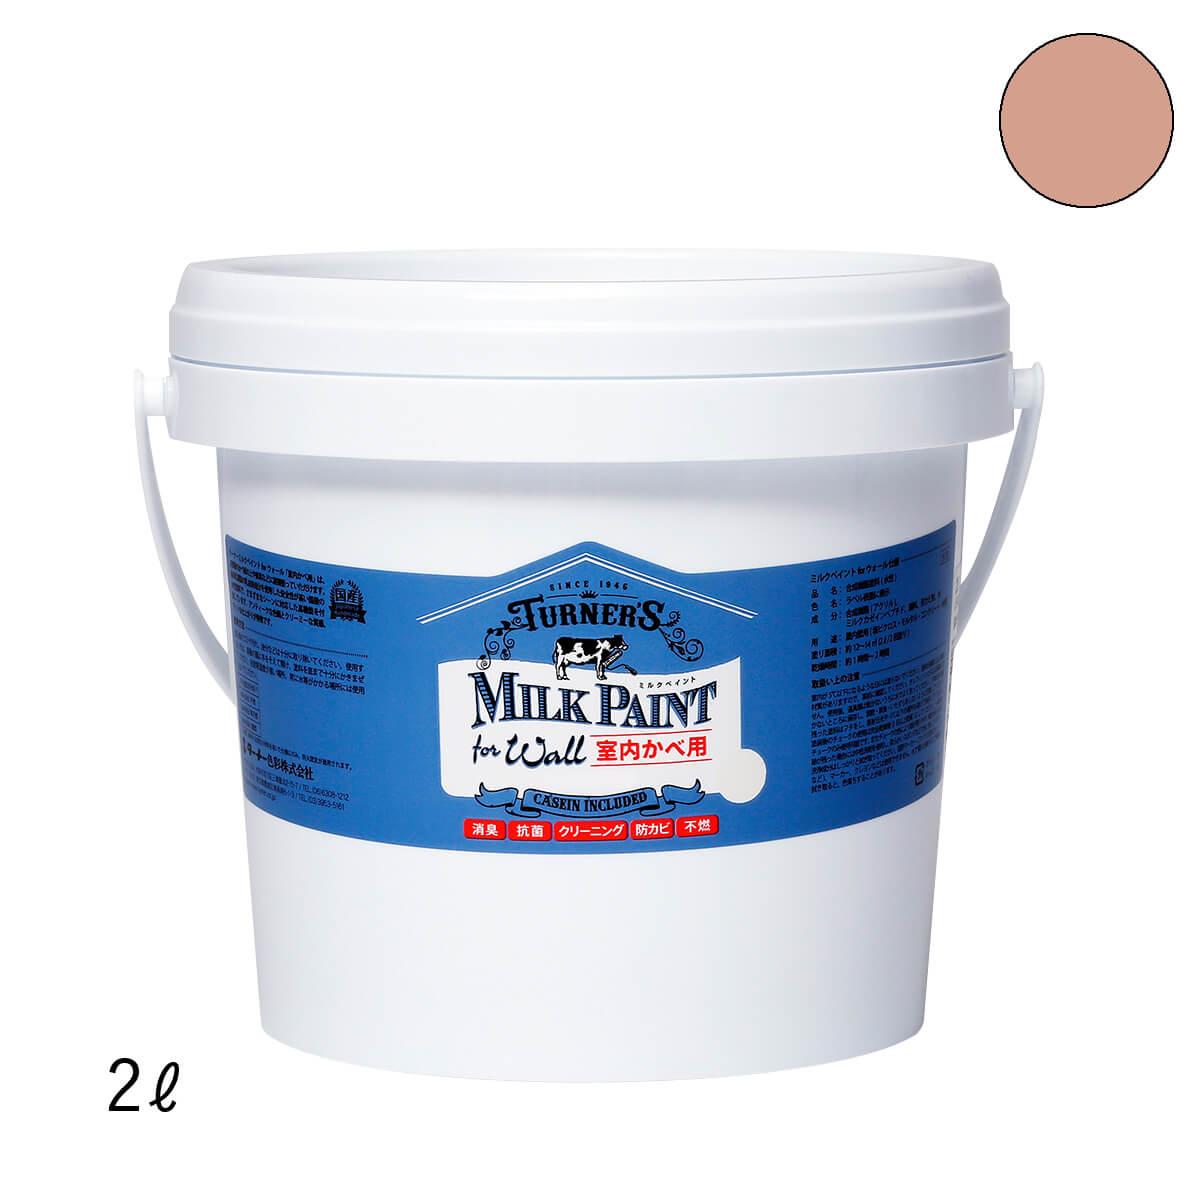 ミルクペイント 室内壁用塗料 ピンクグレージュ 2L